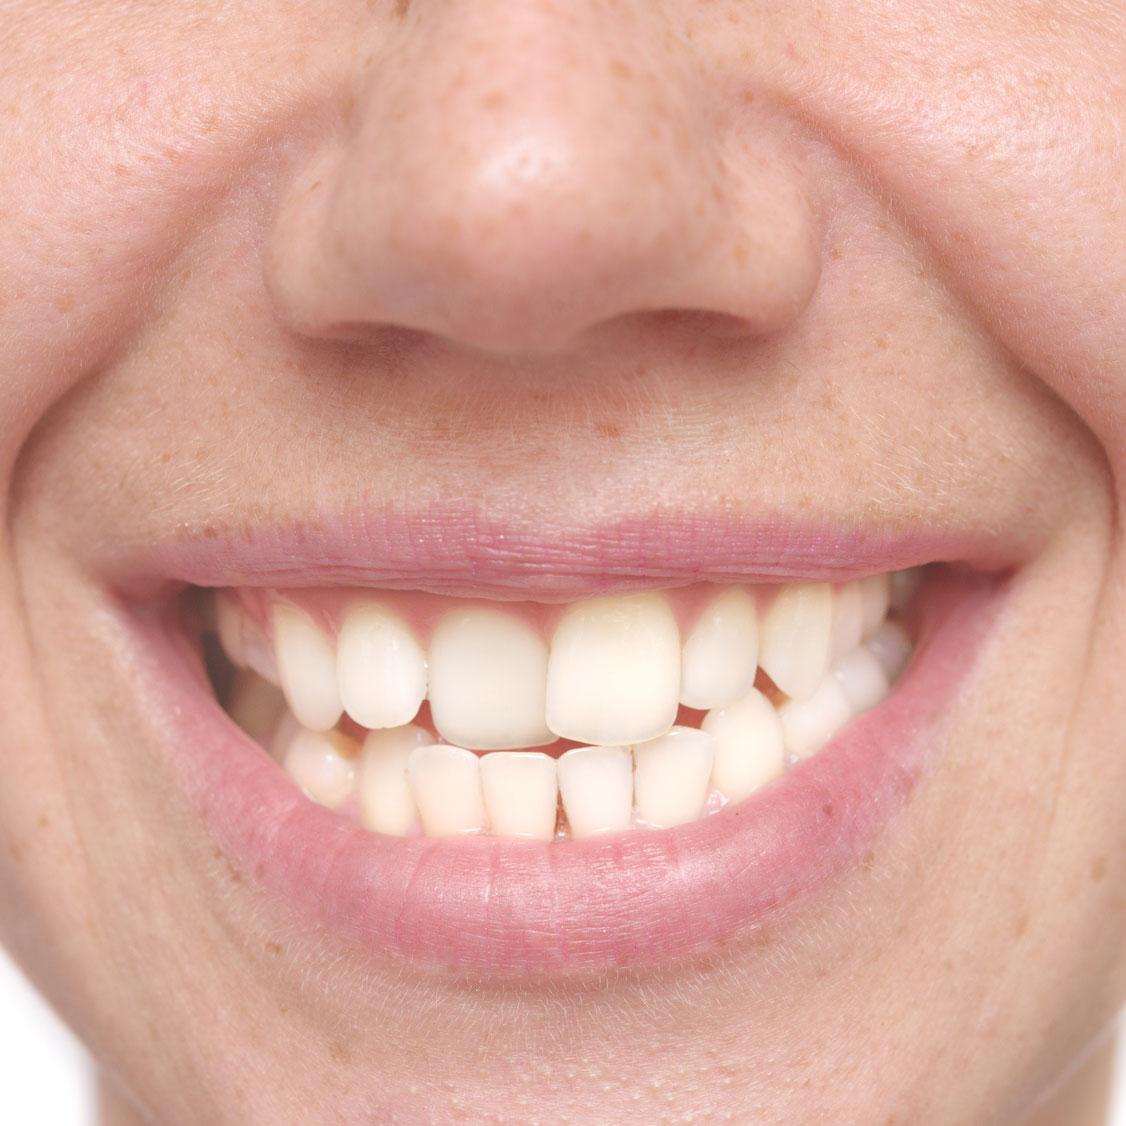 J'ai les dents tordues